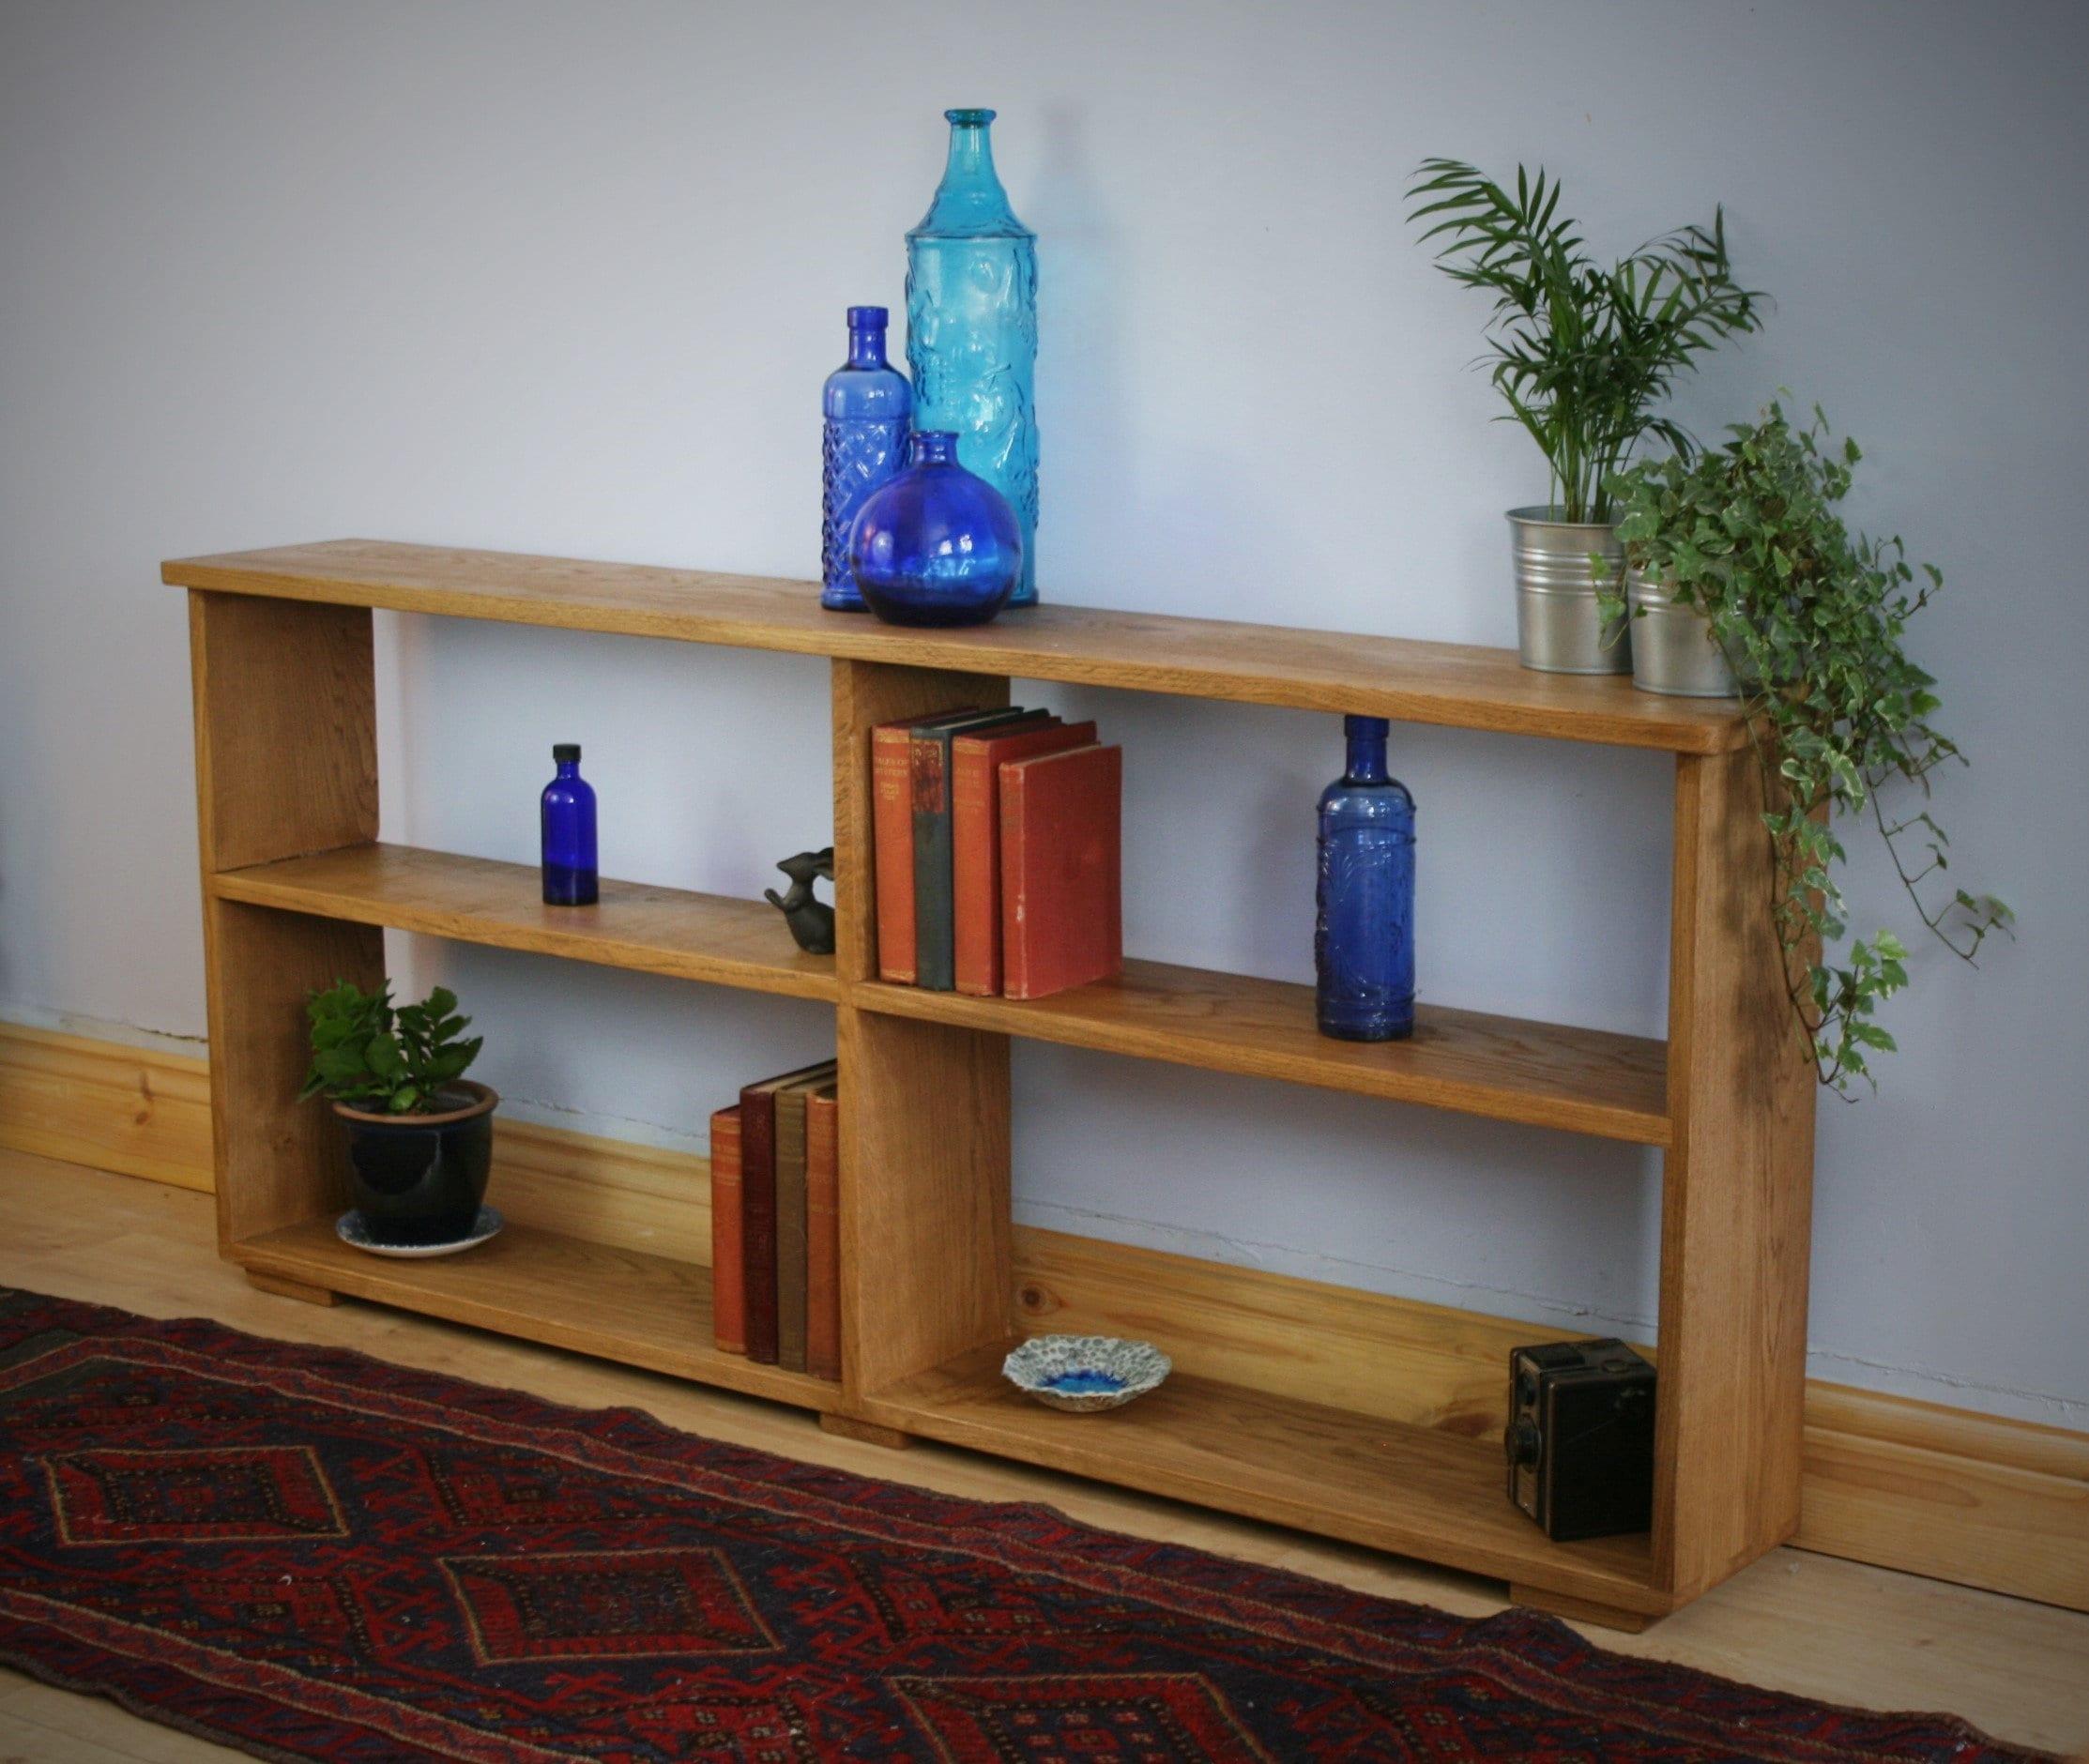 Long Low Wooden Book Shelf In Eco Fallen Oak Timbers 62h X 143w X 22d Cm Modern Rustic Farmhouse Style Designed Handmade In Somerset Uk